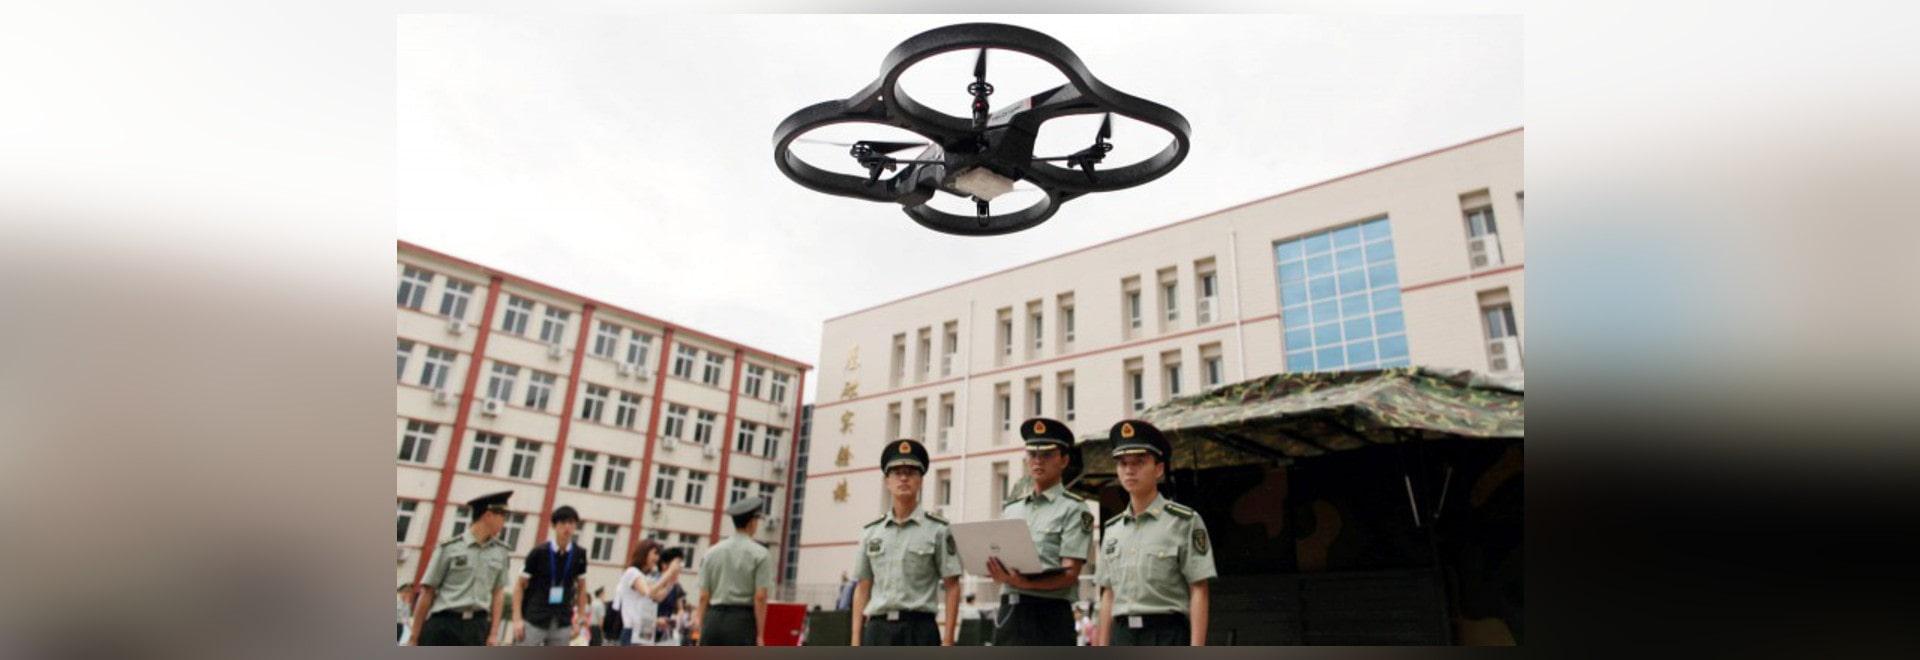 DÉVELOPPEMENT CHINOIS DE RAPPORT DE CANON DE LASER D'ANTI-DRONE